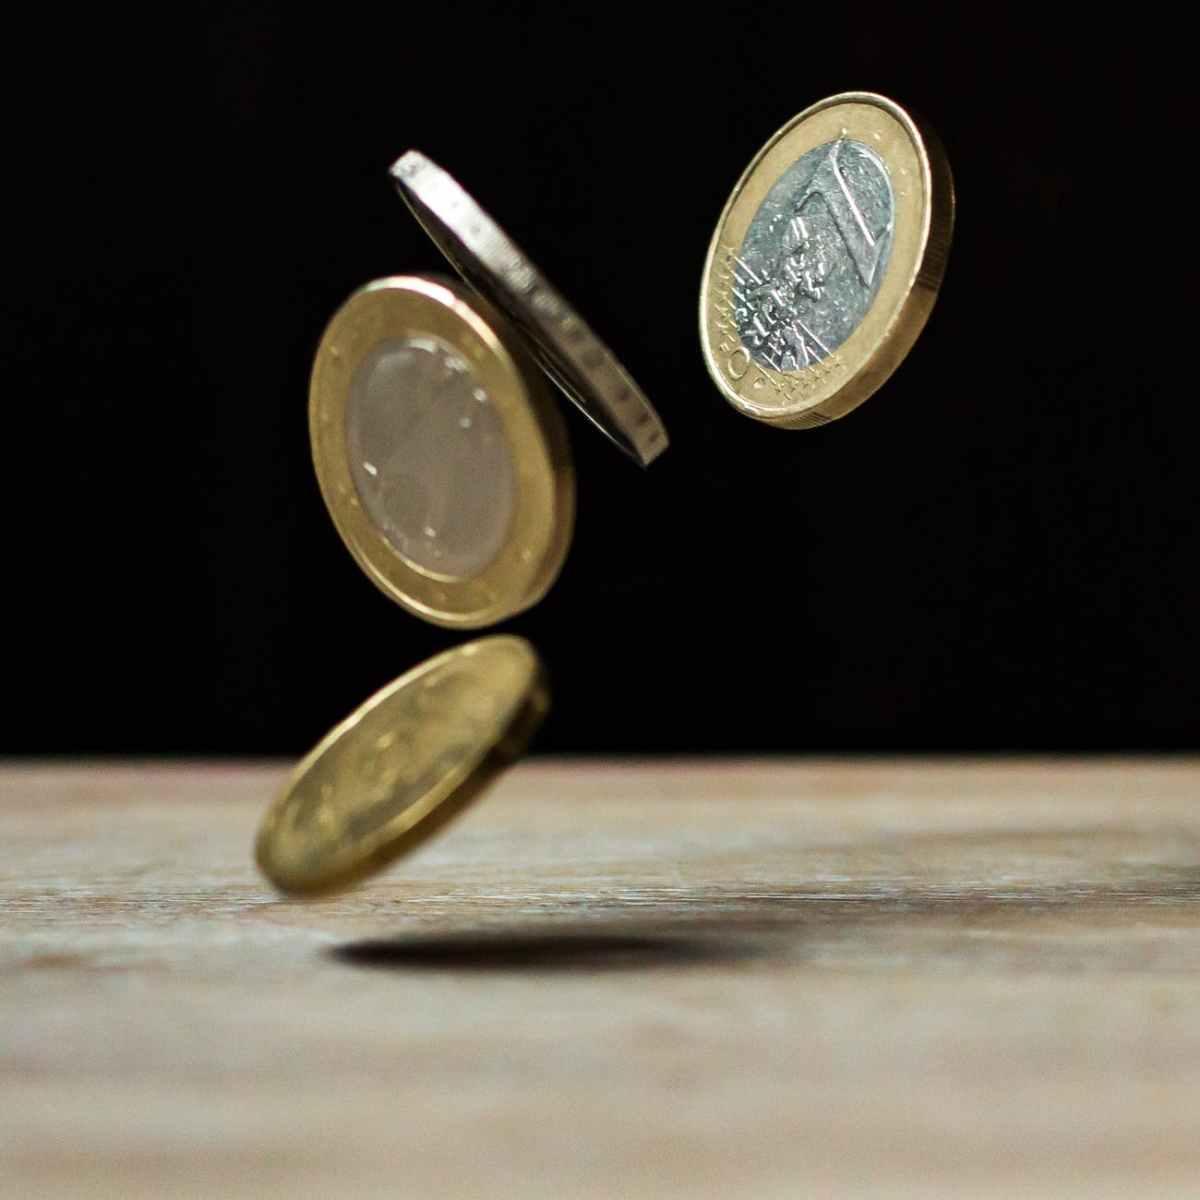 Money Flow menjadi katalis positif. akankah tetap bertahan?